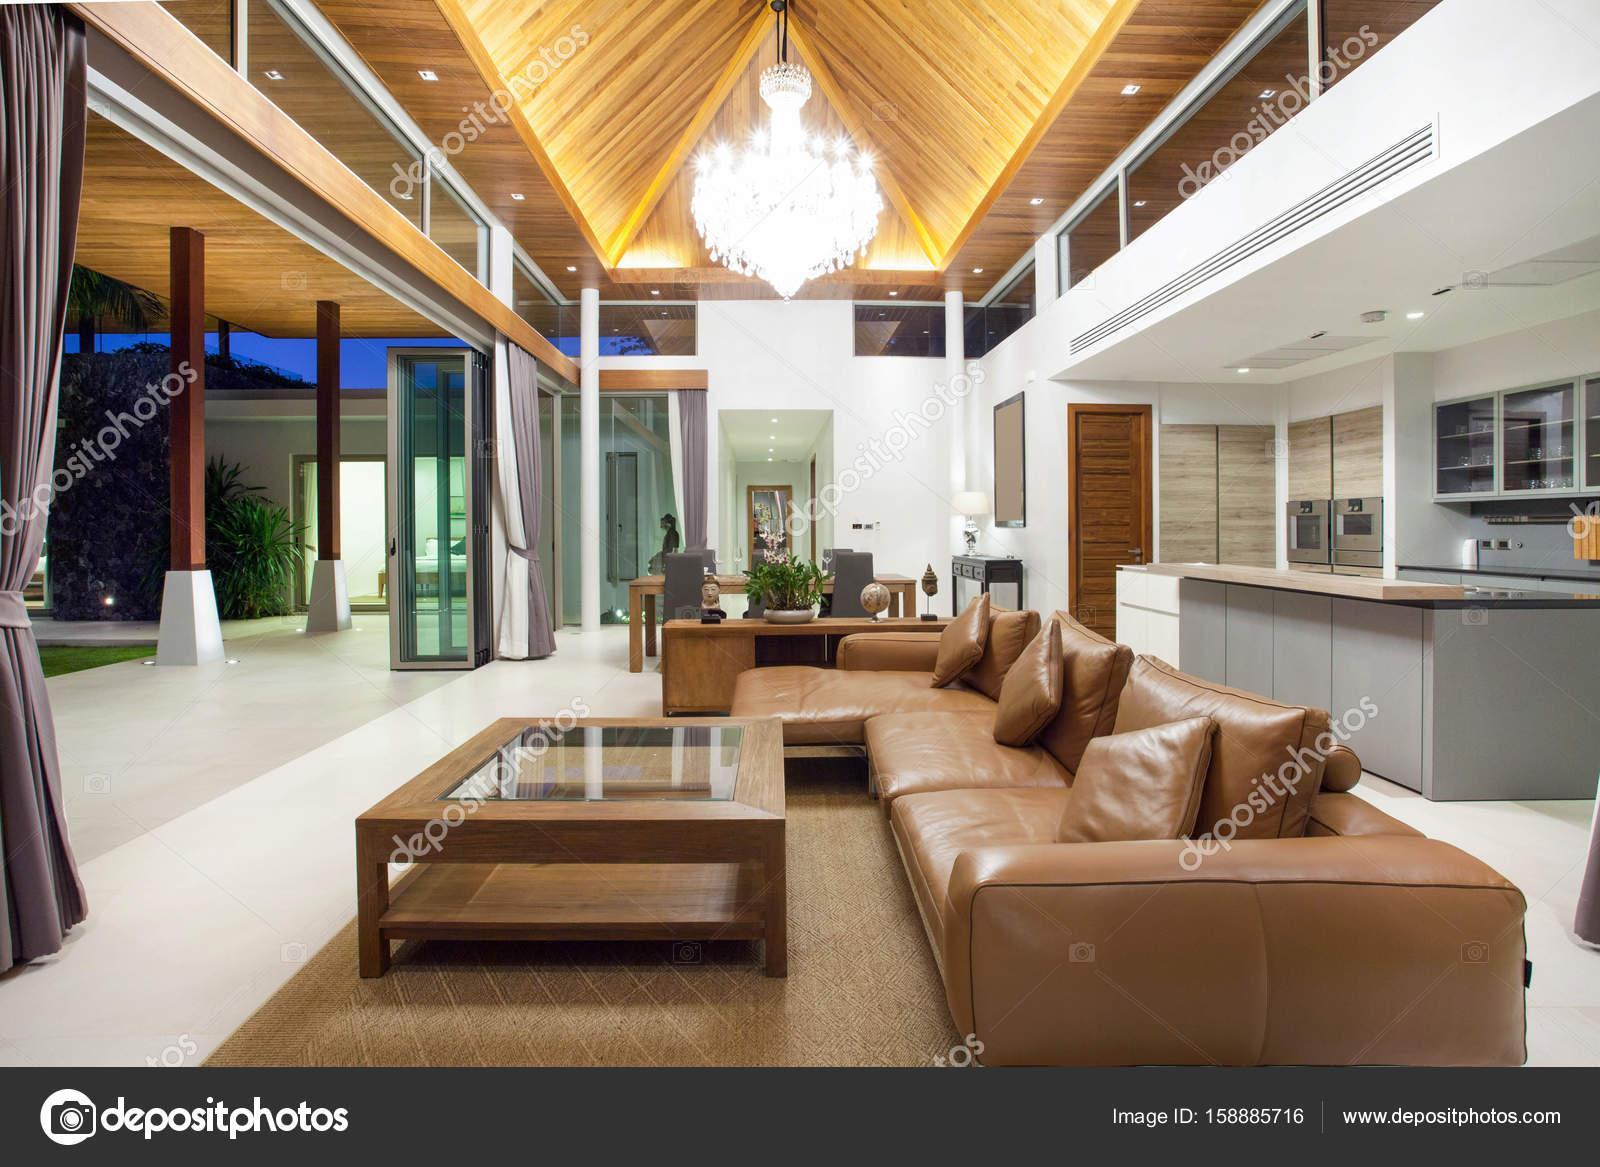 Luxus inneneinrichtung im wohnzimmer von pool villen for Wohnzimmer inneneinrichtung